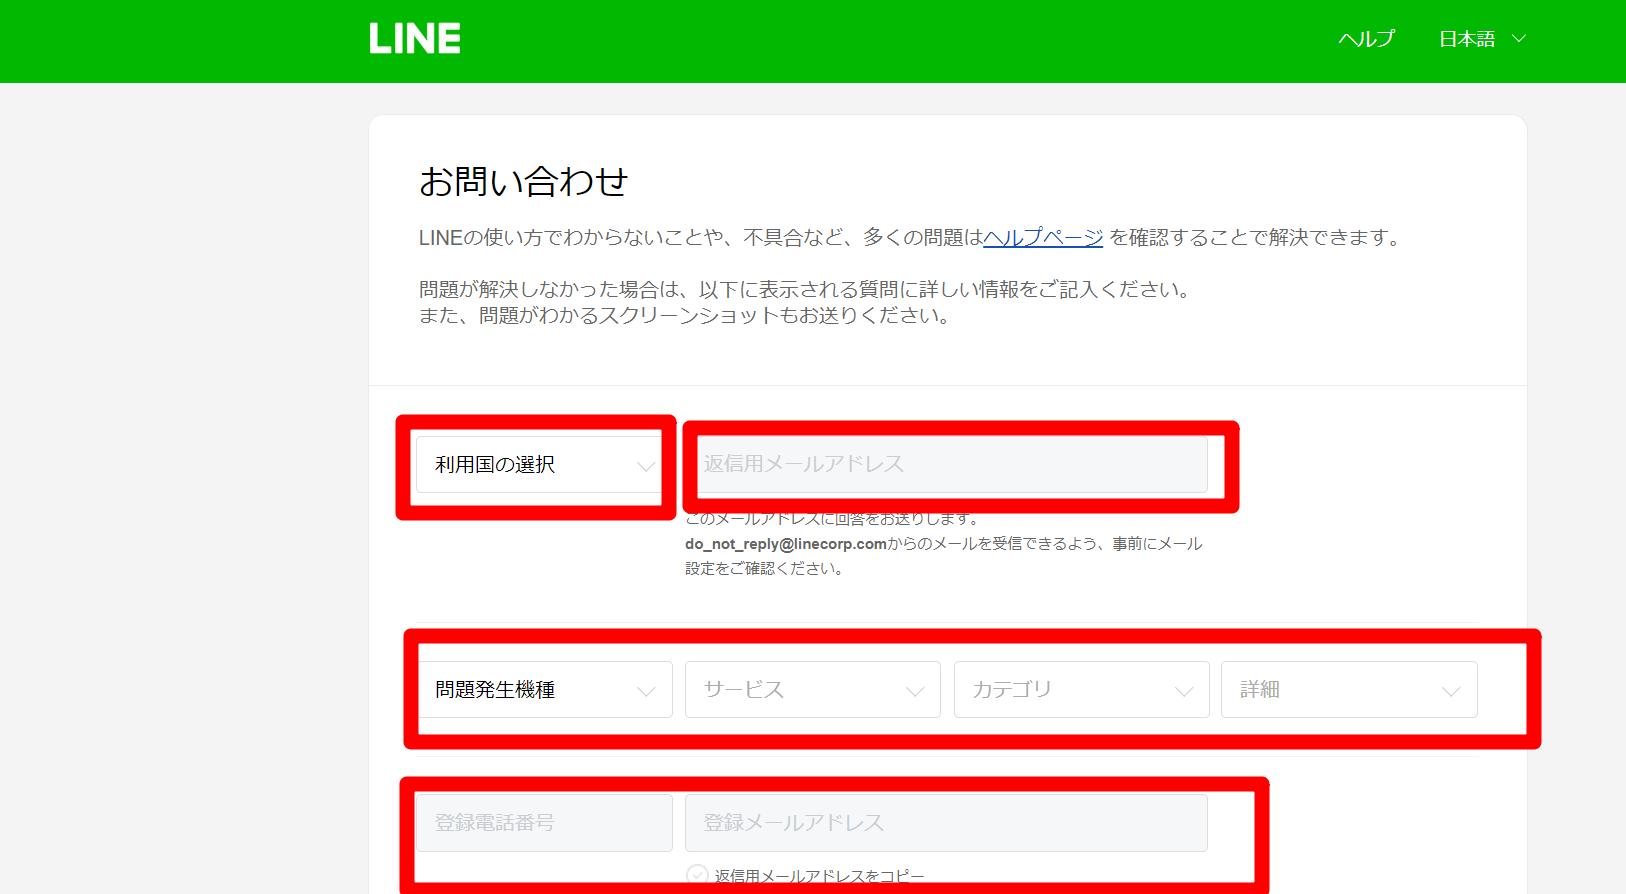 ライン問い合わせ、ウェブ版2